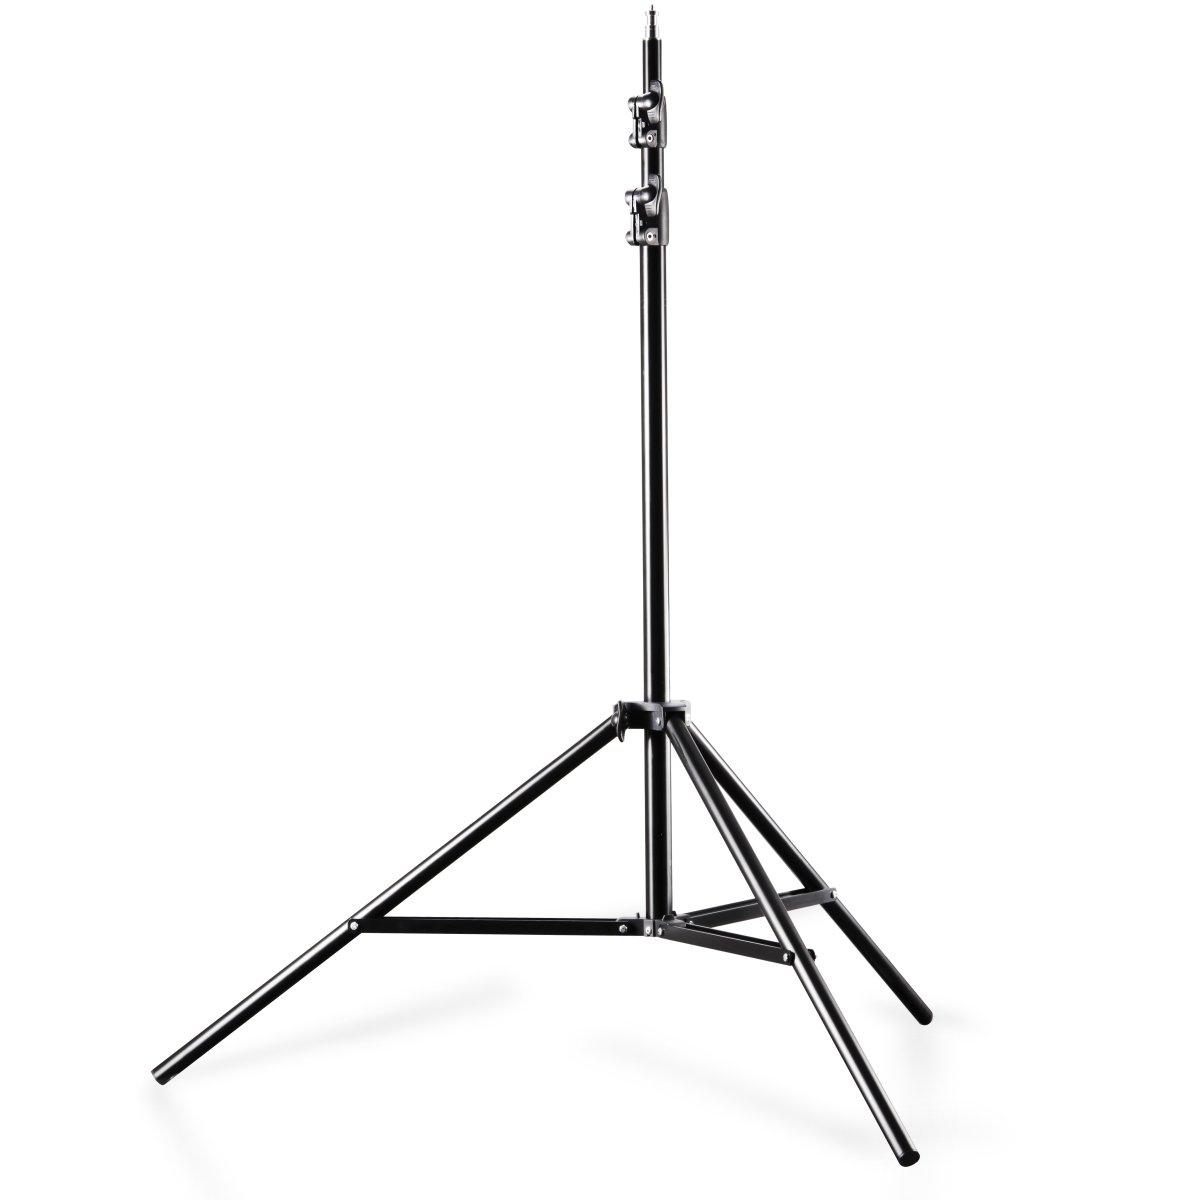 Walimex FT 8051 Lampenstativ 260 cm